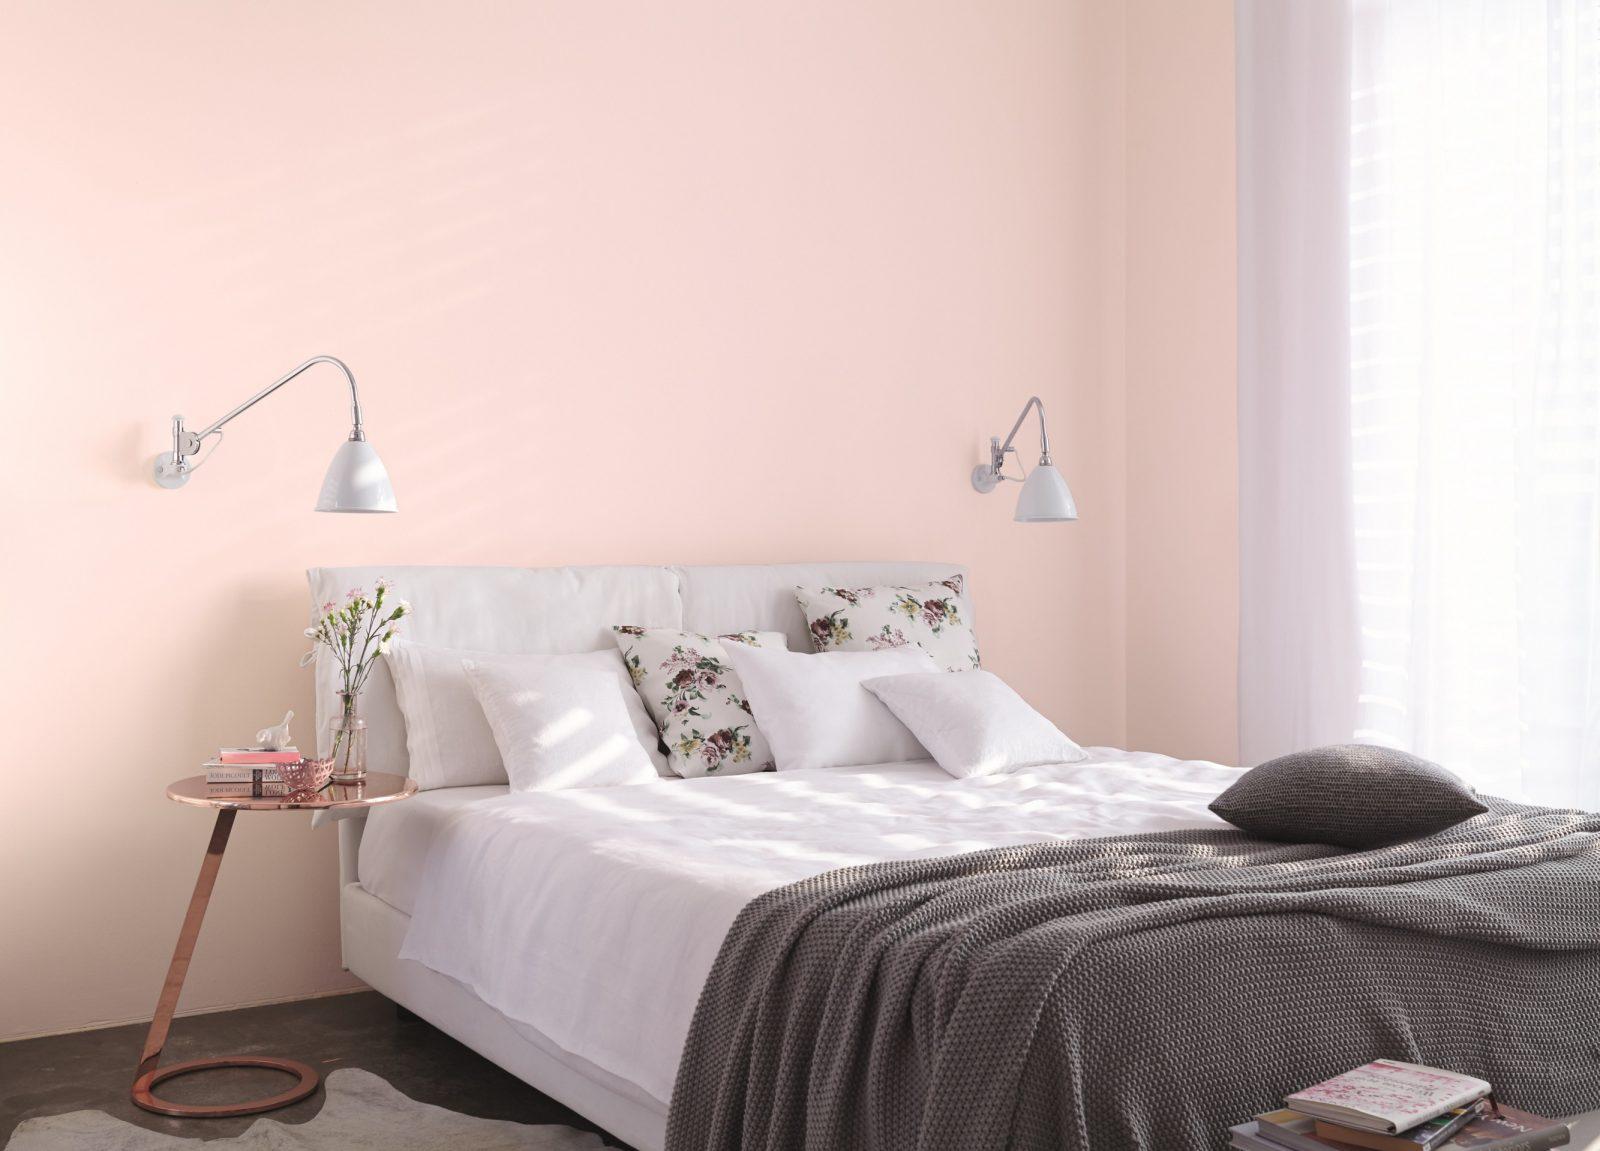 Ideen Für Die Gestaltung Vom Schlafzimmer Alpina Farbe von Wandfarben Ideen Schlafzimmer Photo